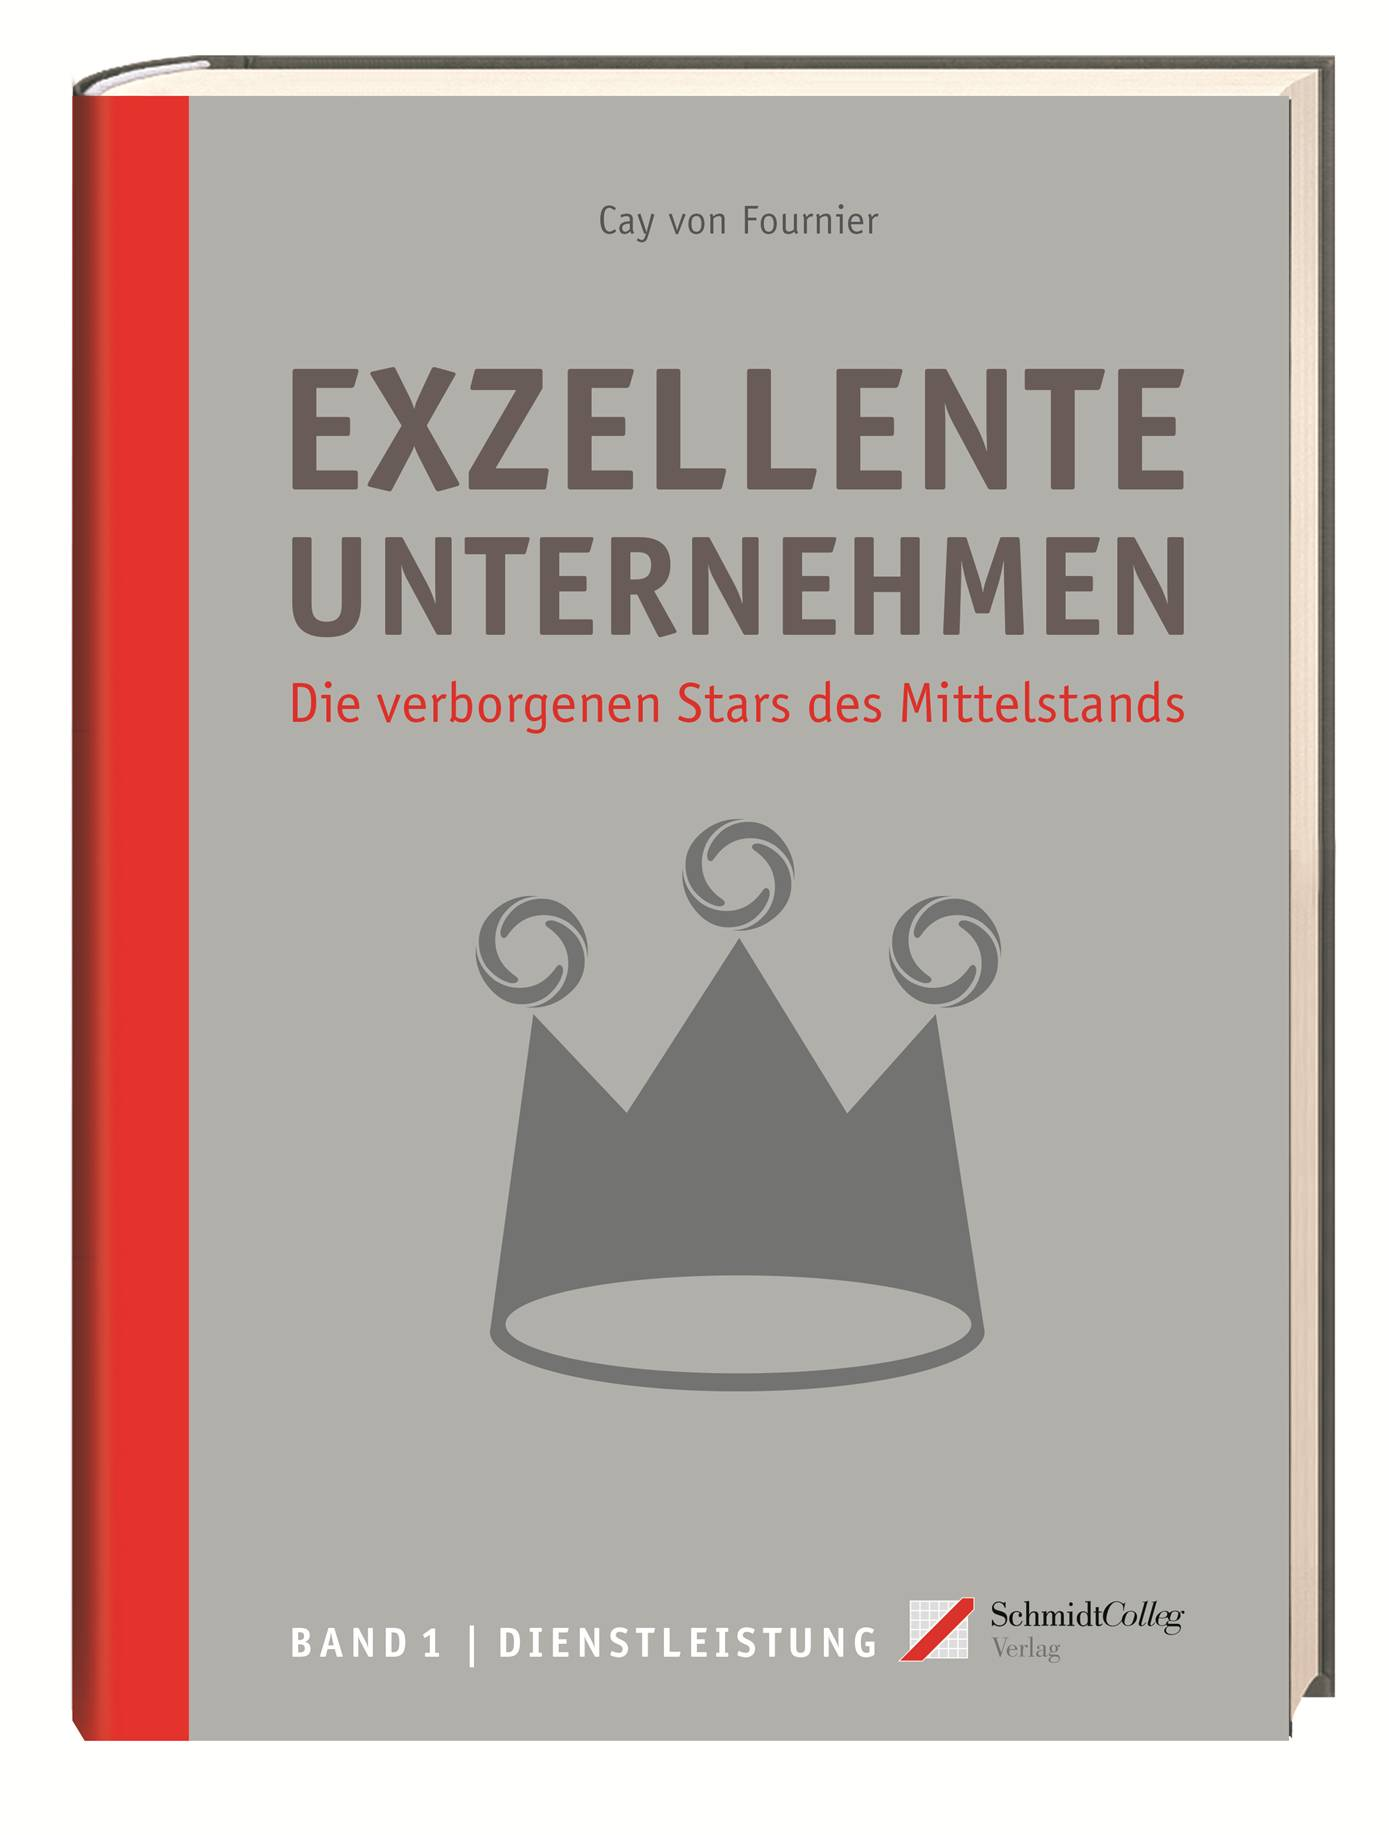 Exzellente Unternehmen. Die verborgenen Stars des Mittelstands, Band 1, SchmidtColleg Verlag